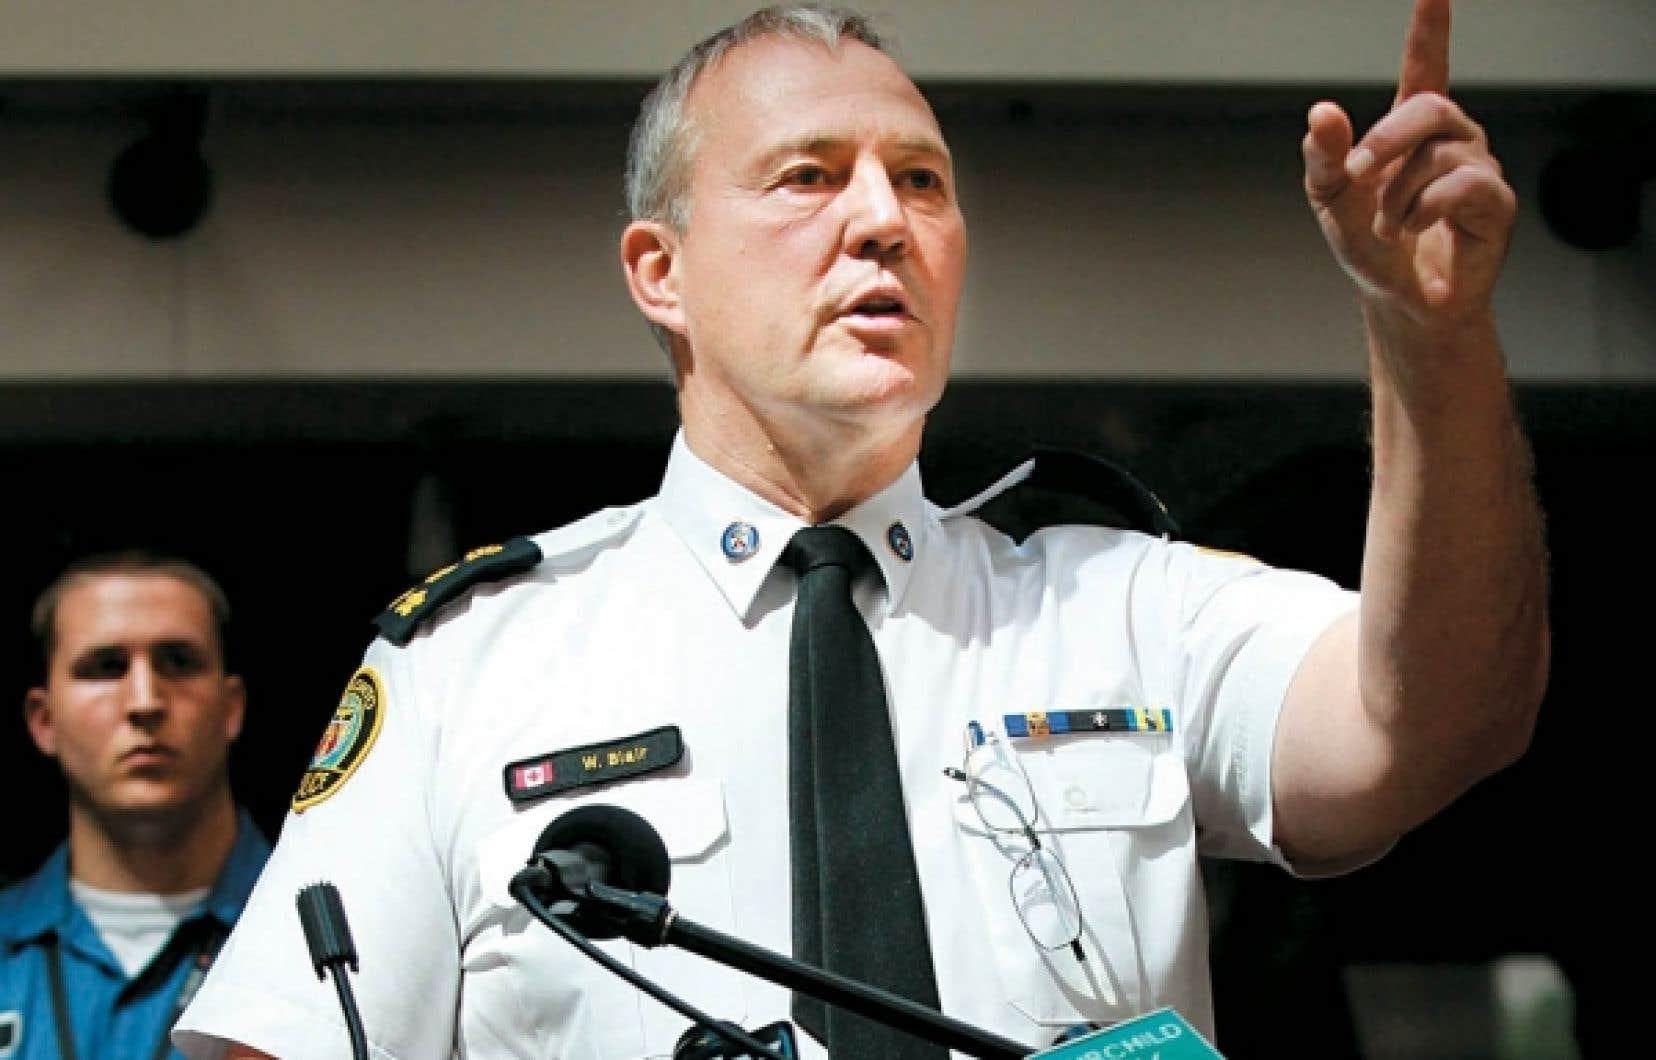 Le chef de police de Toronto, Bill Blair, a défendu l'intervention de ses policiers, affirmant qu'ils n'ont fait que protéger la ville contre des criminels.<br />